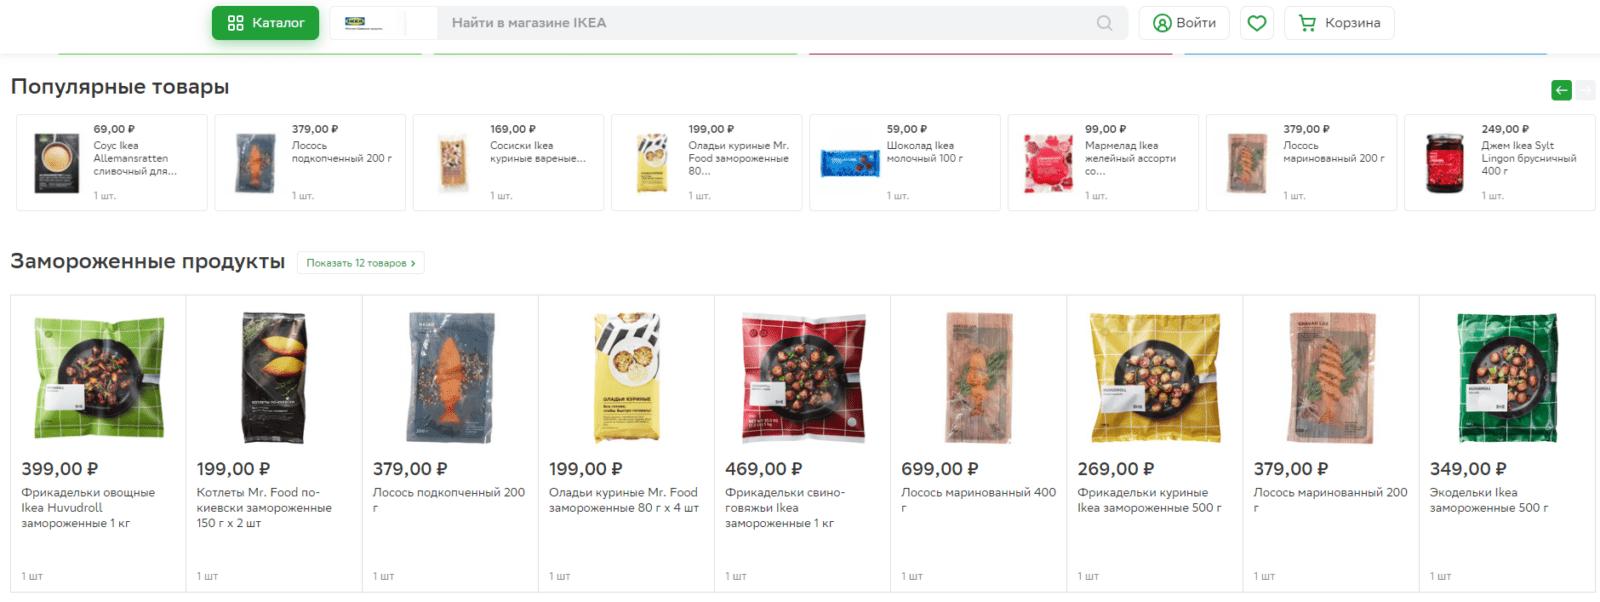 СберМаркет запустил доставку еды из Ikea (image 33)